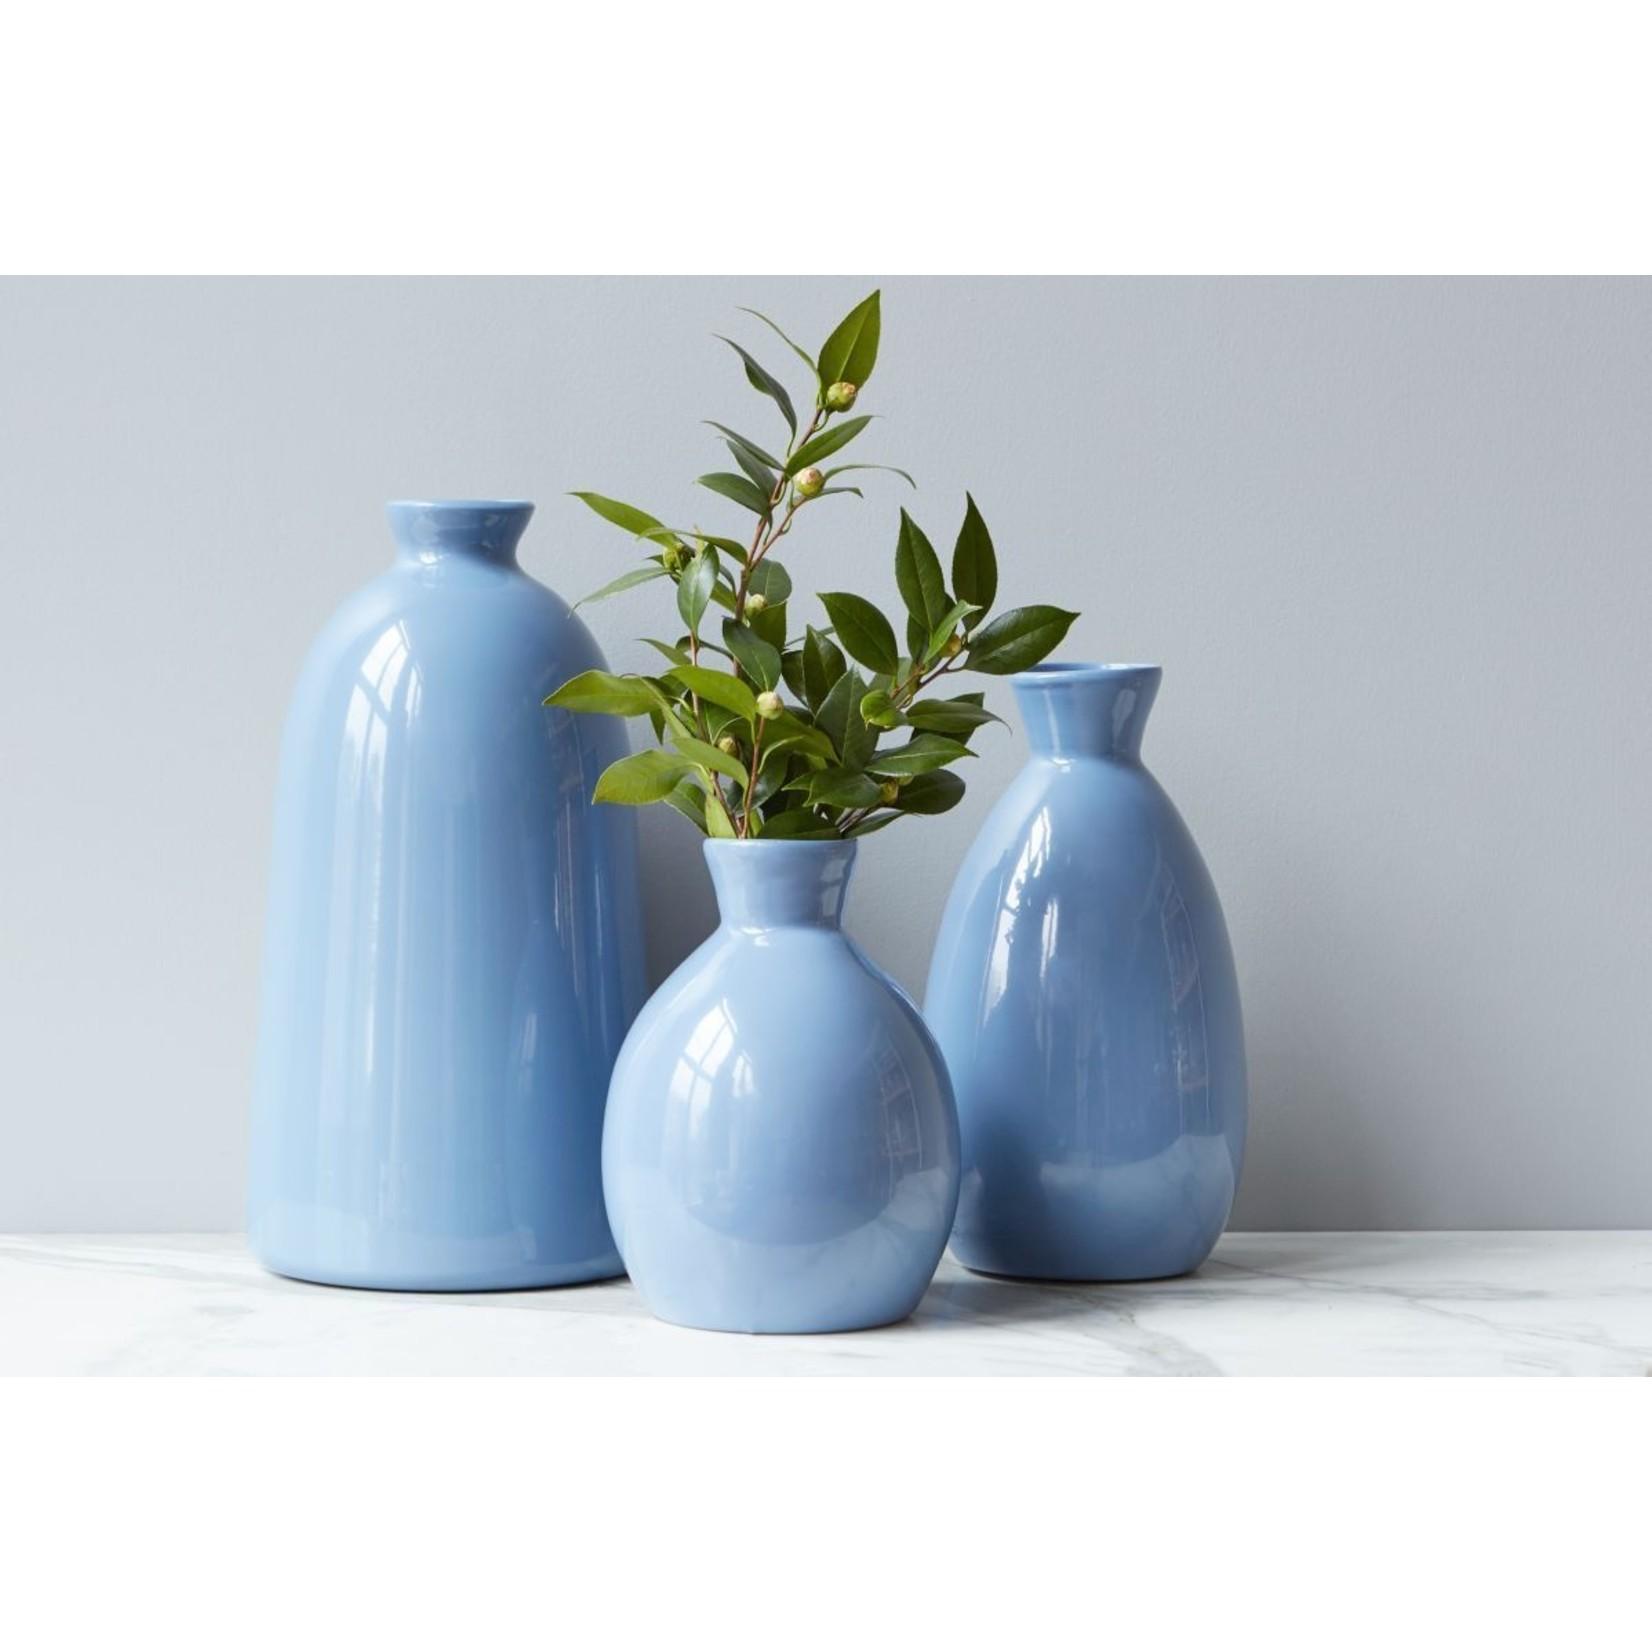 etu HOME Artisanal Vases